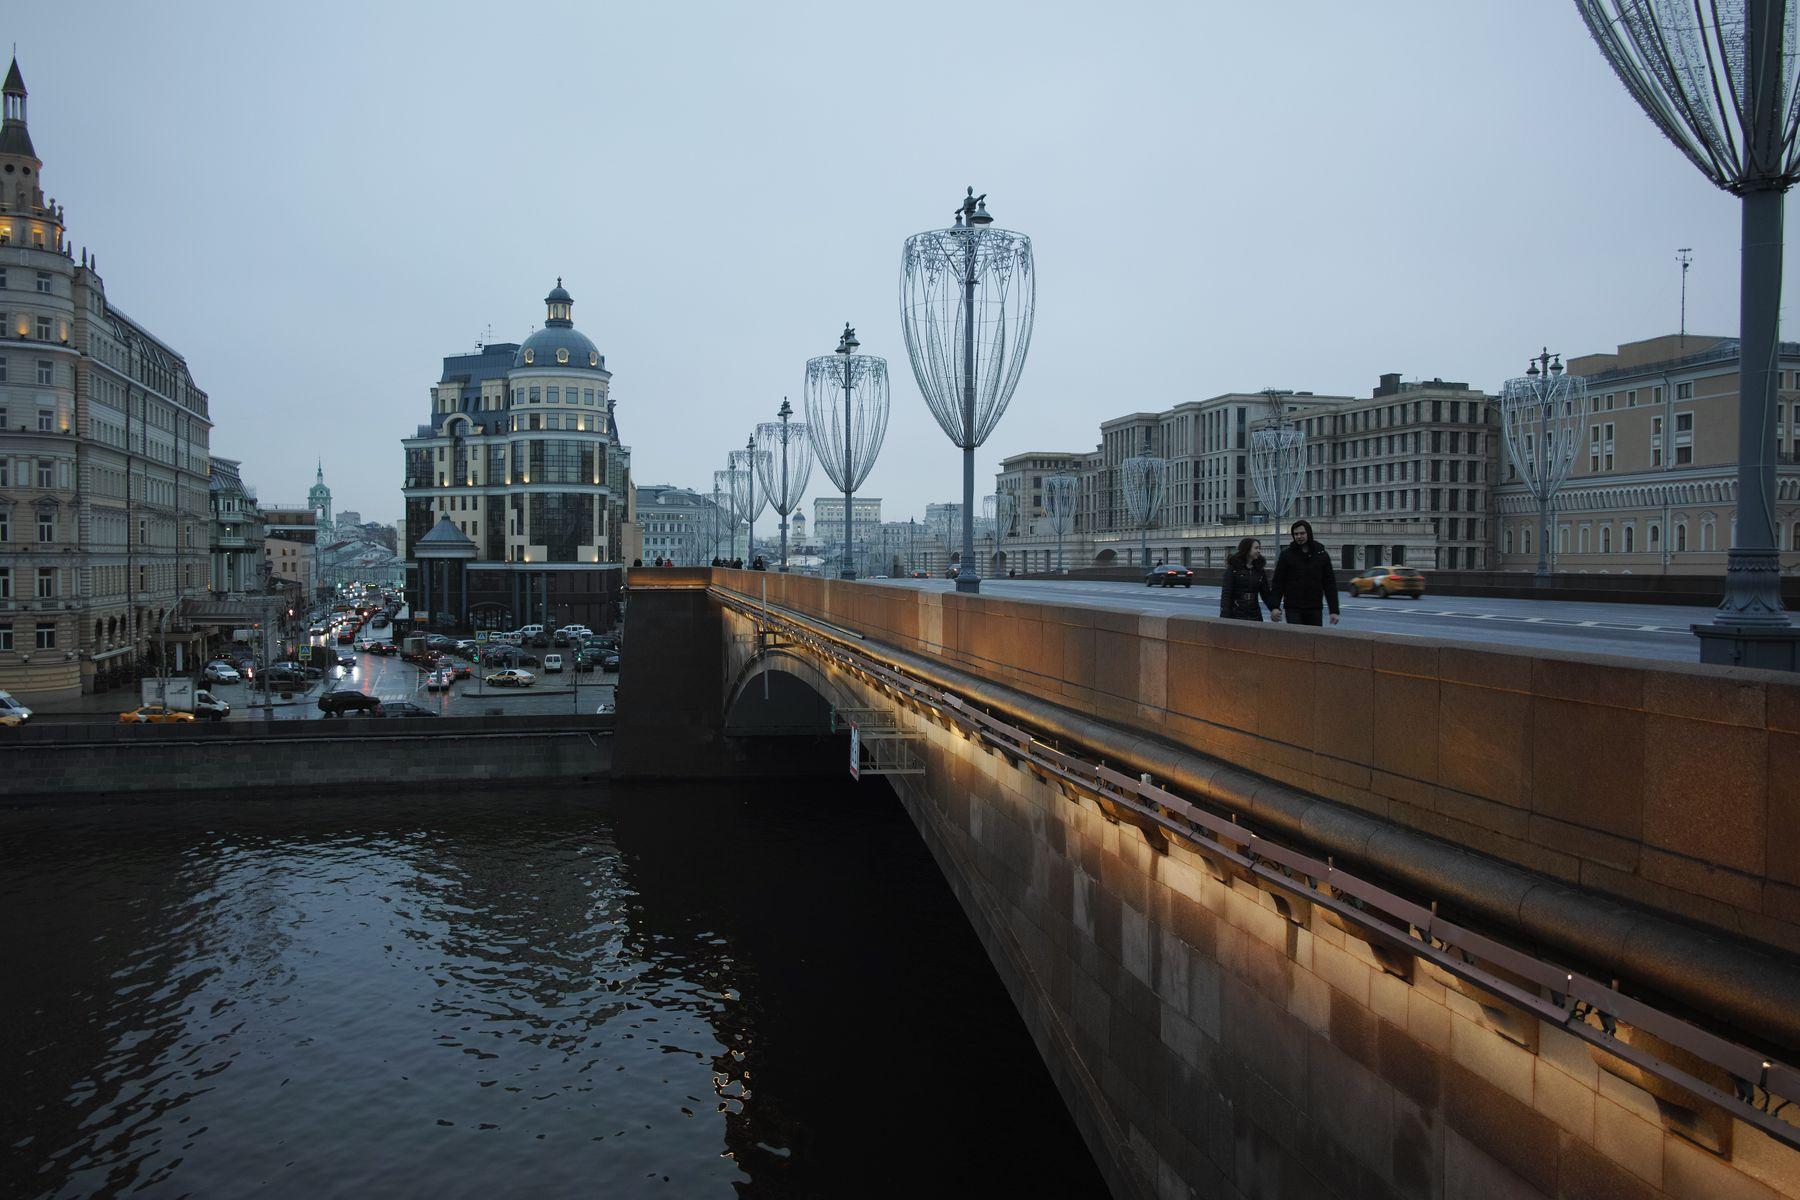 Большой Москворецкий мост город Москва река мост Большой Москворецкий